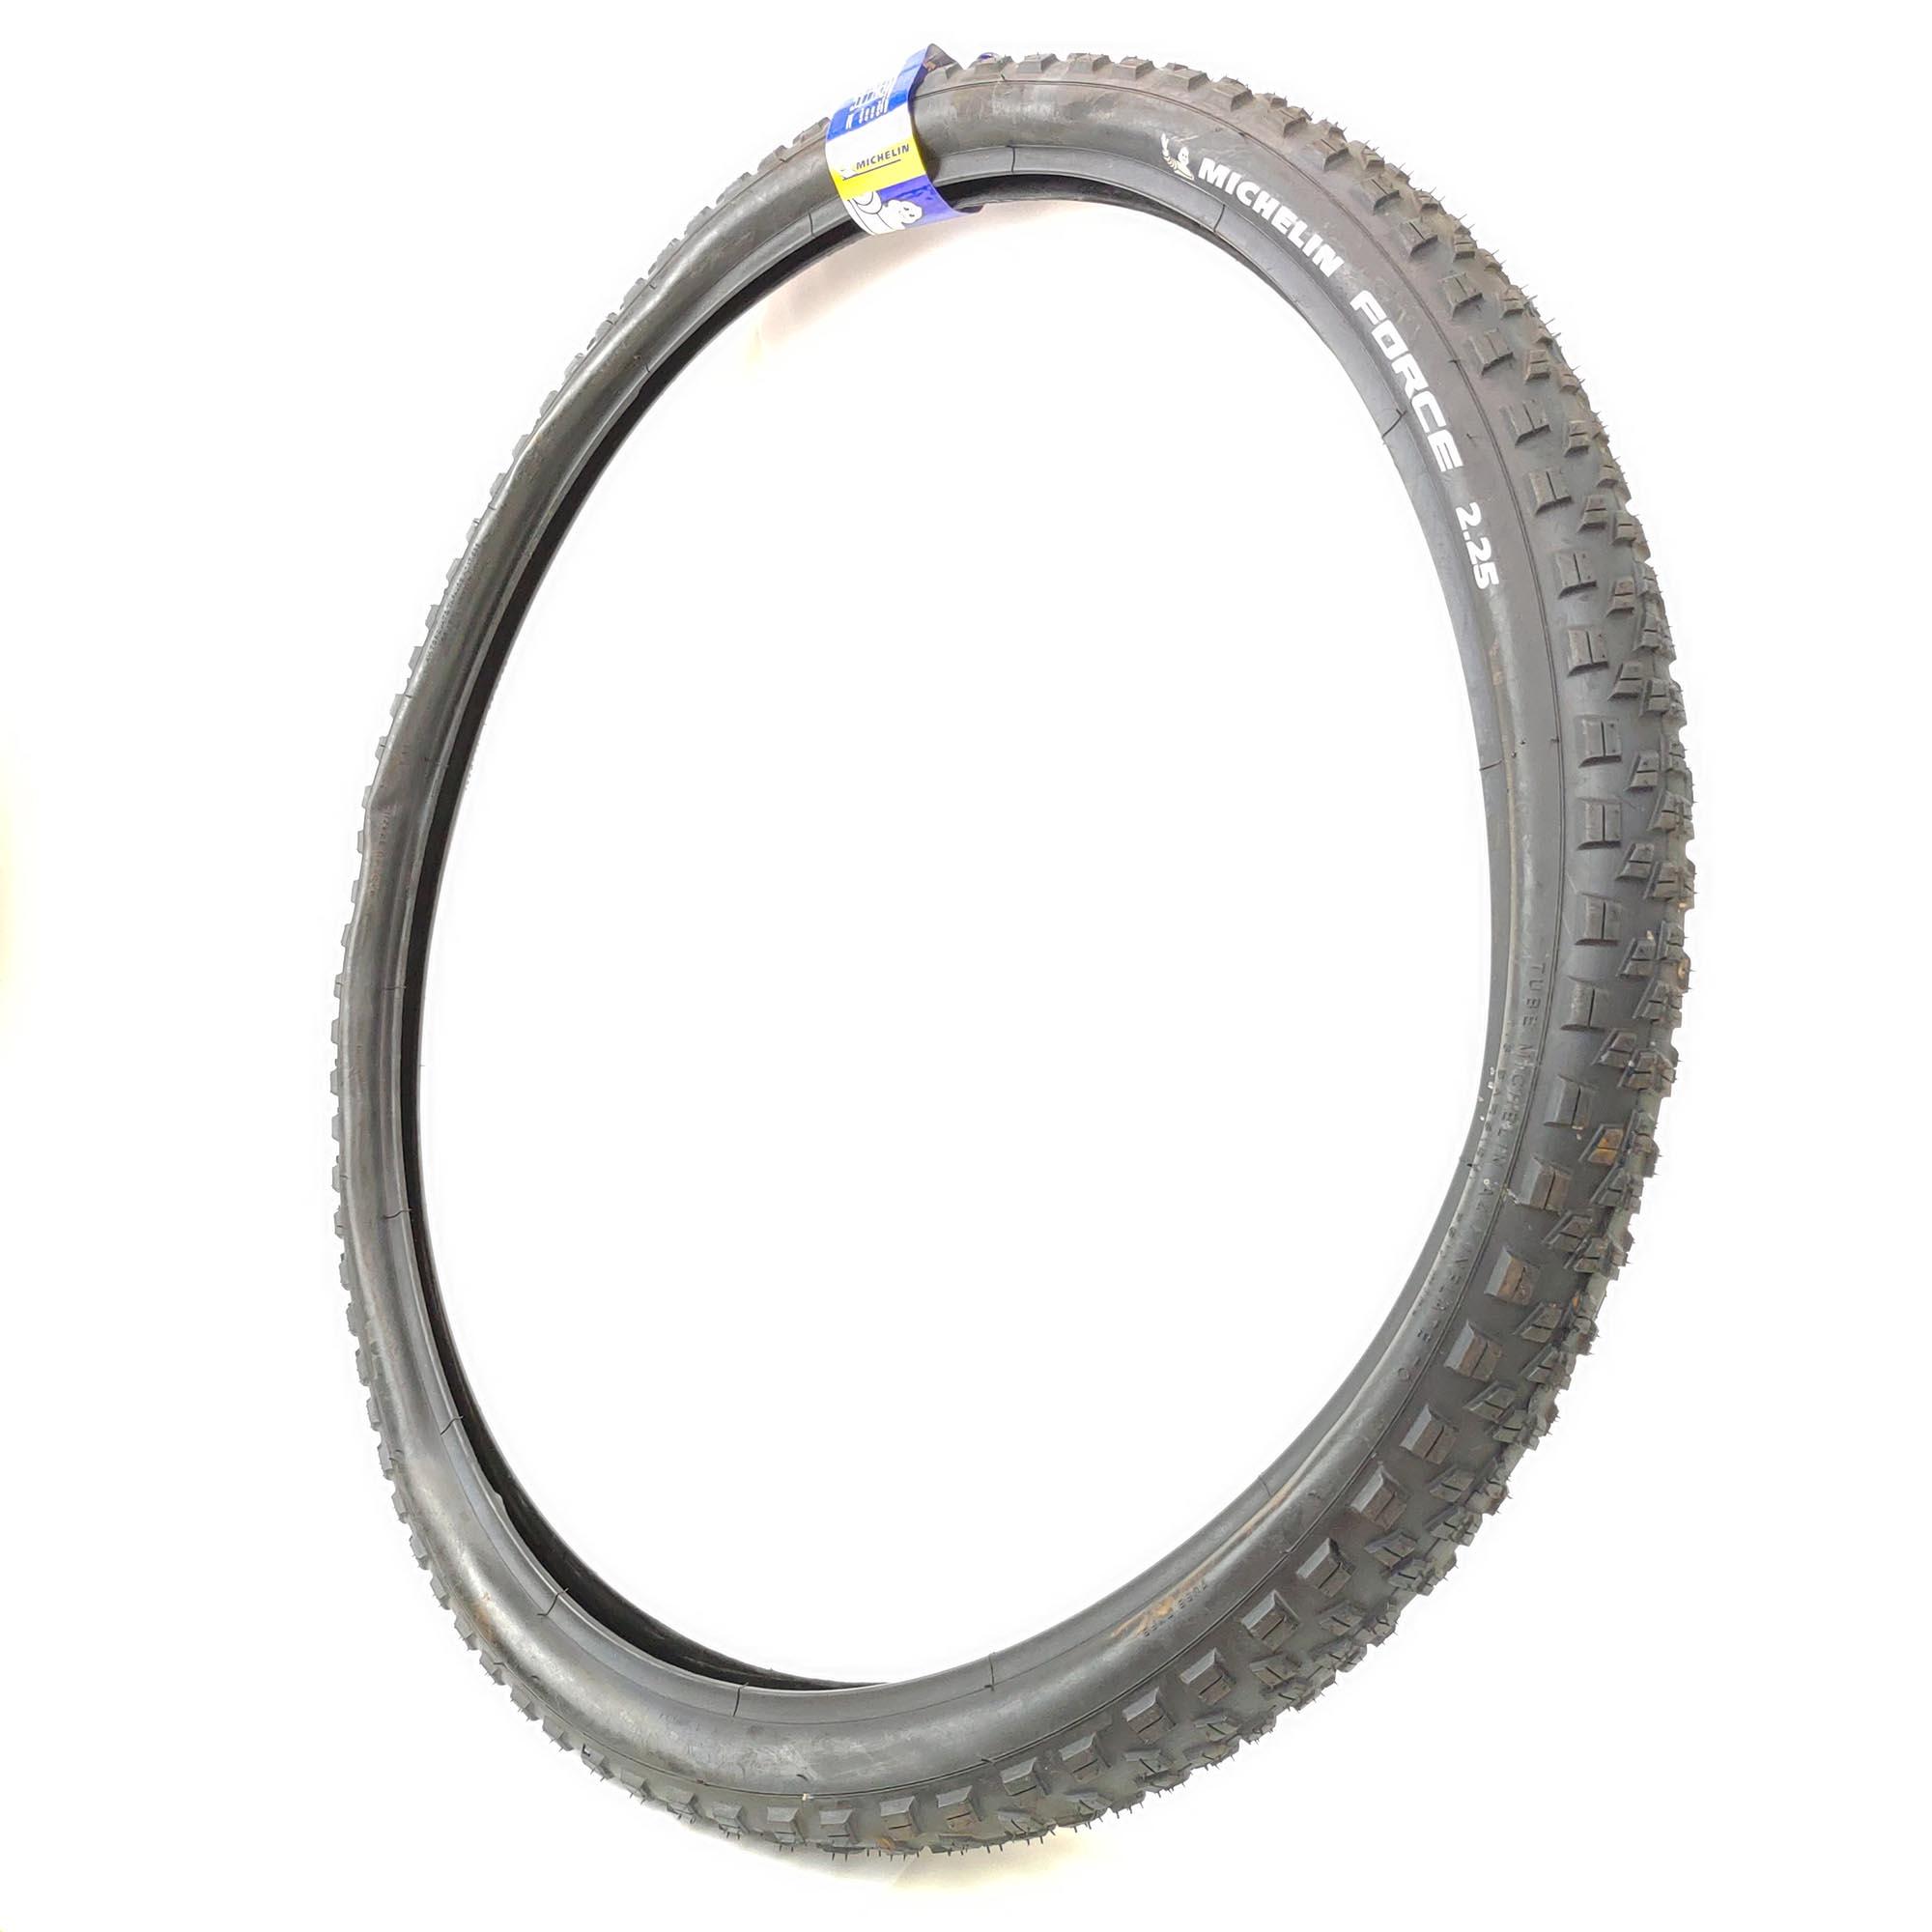 Pneu de Bicicleta Aro 29 Michelin 2.25 1X33 Tpi Talao Rigido